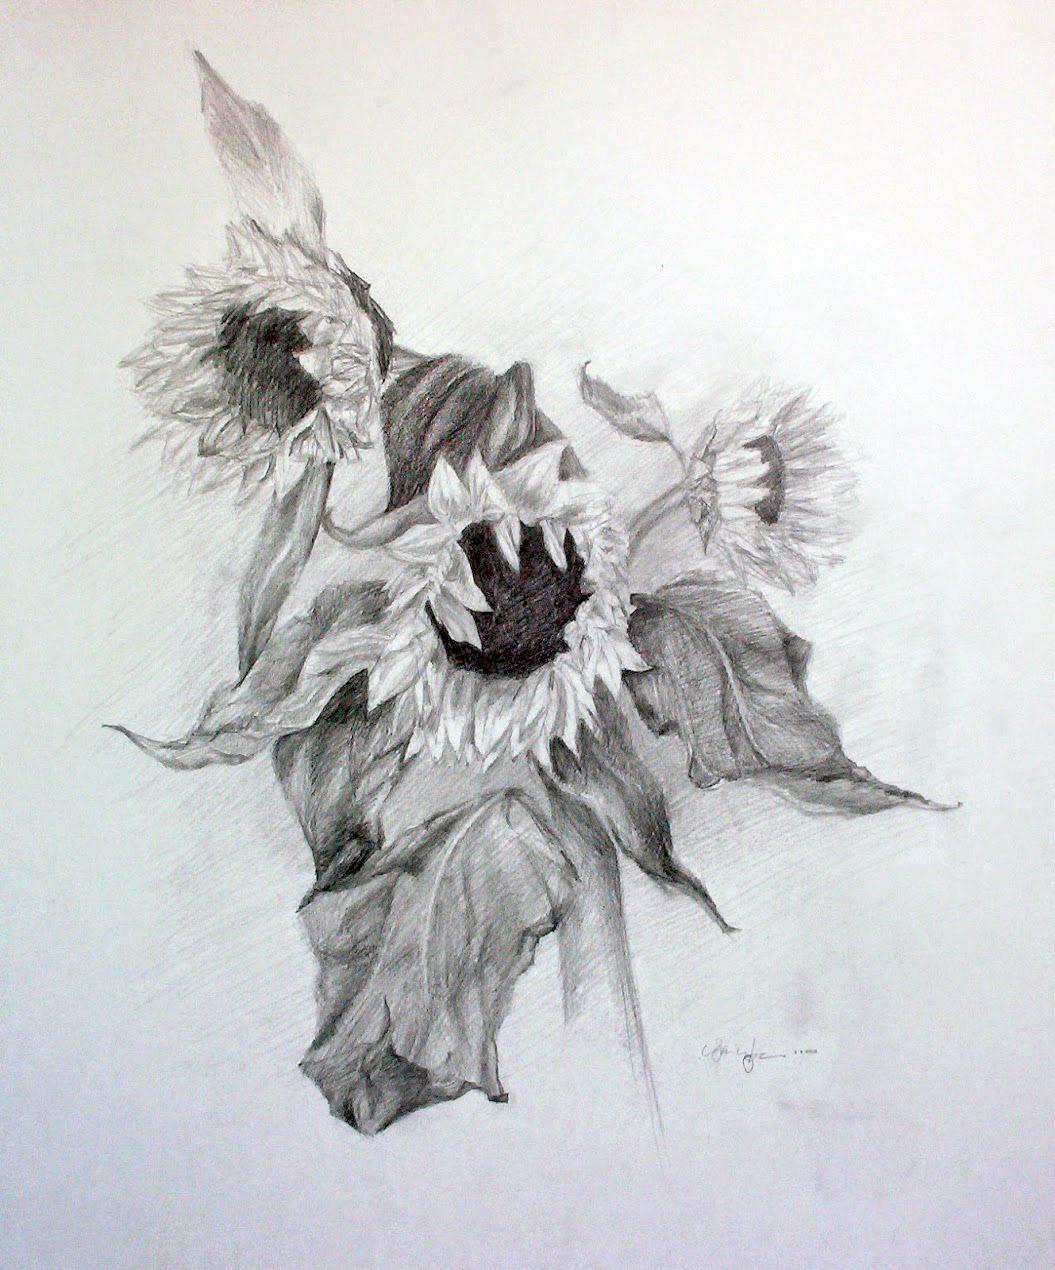 meng-he-sunflowers@2x